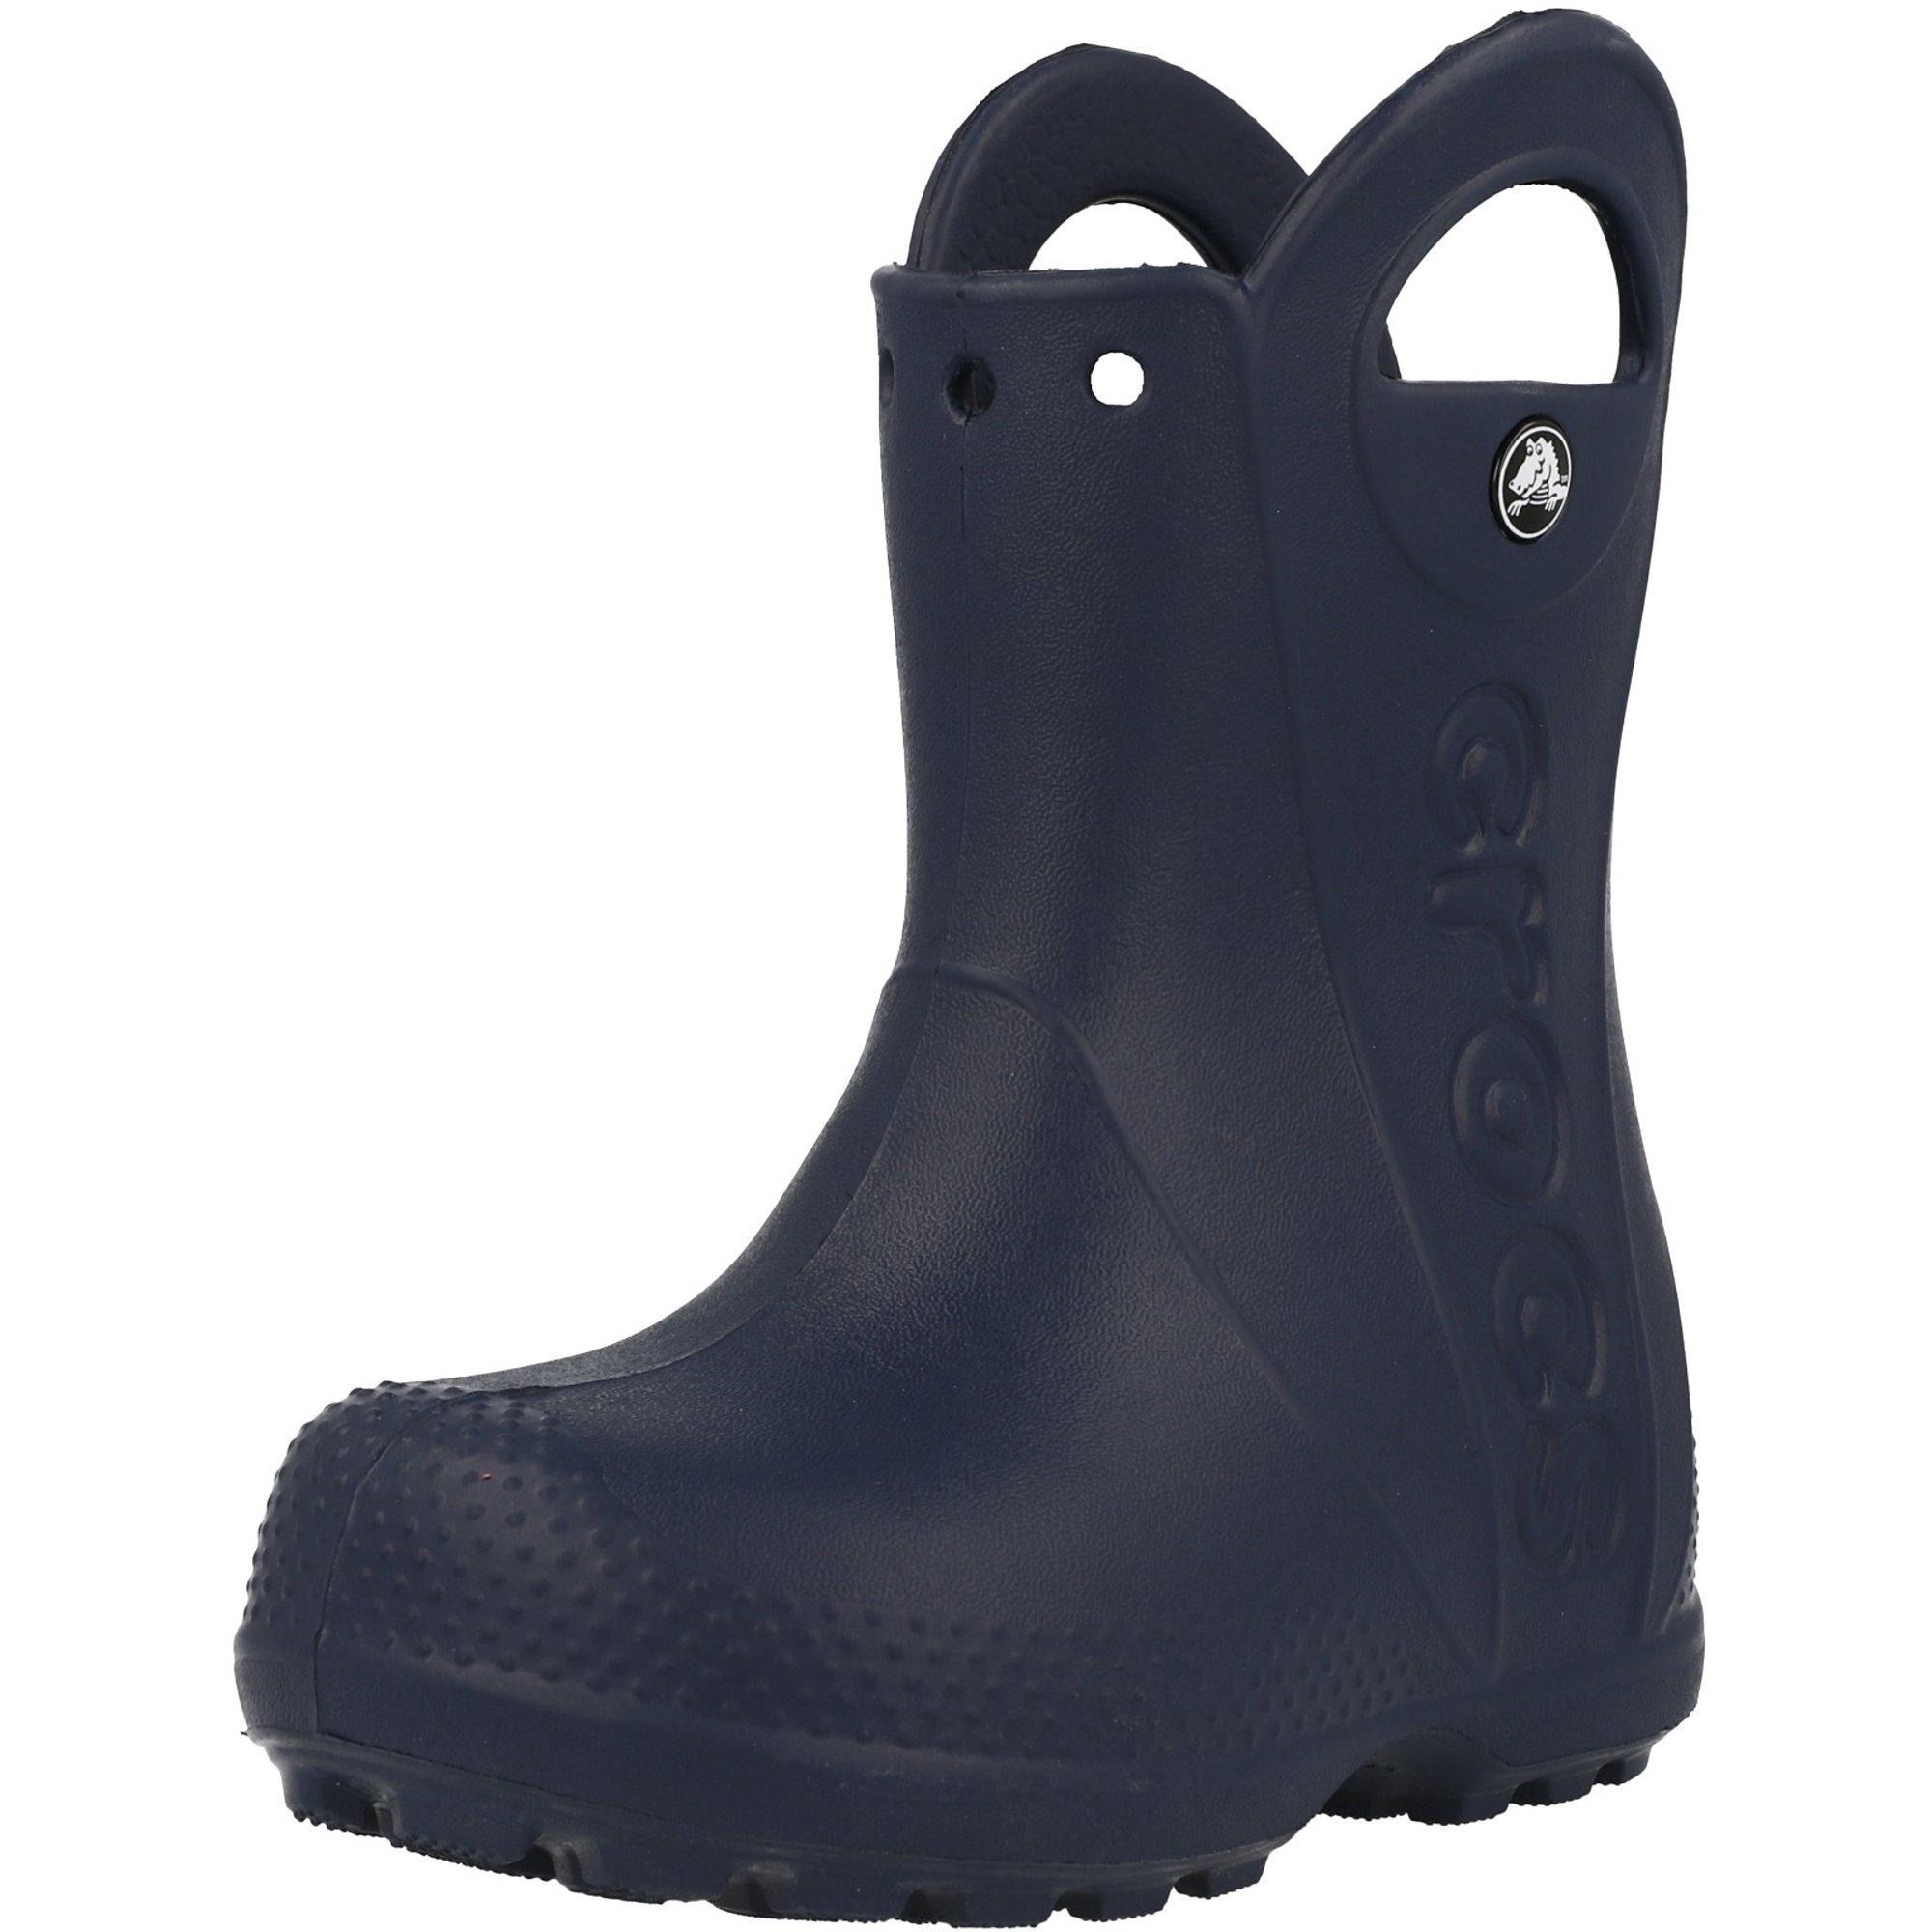 Crocs Kids Handle It Rain Boot Navy Croslite